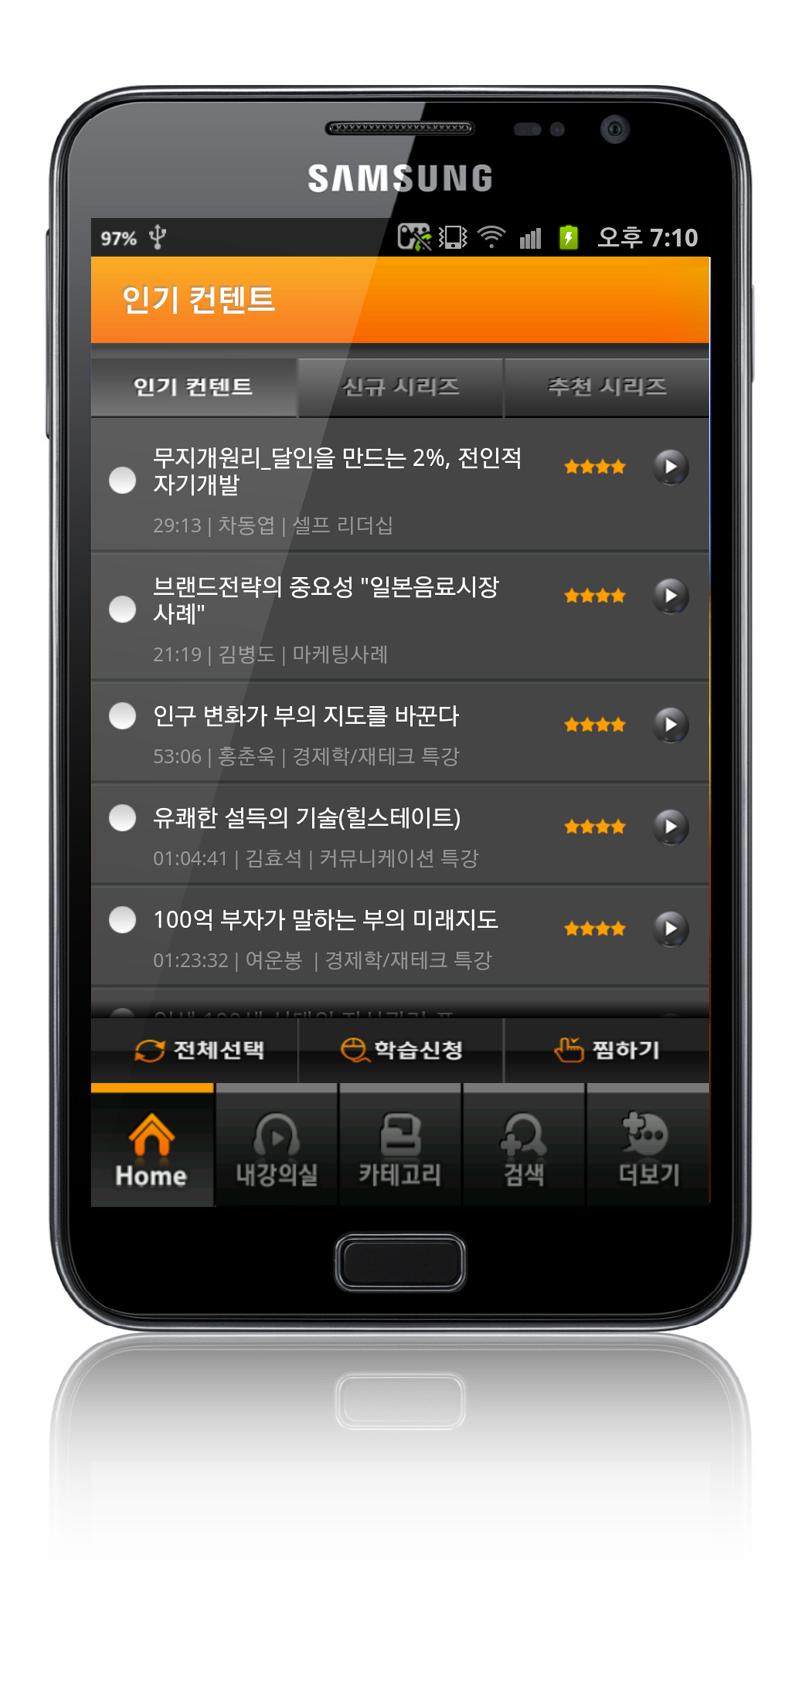 갤럭시노트 - ubob 어플